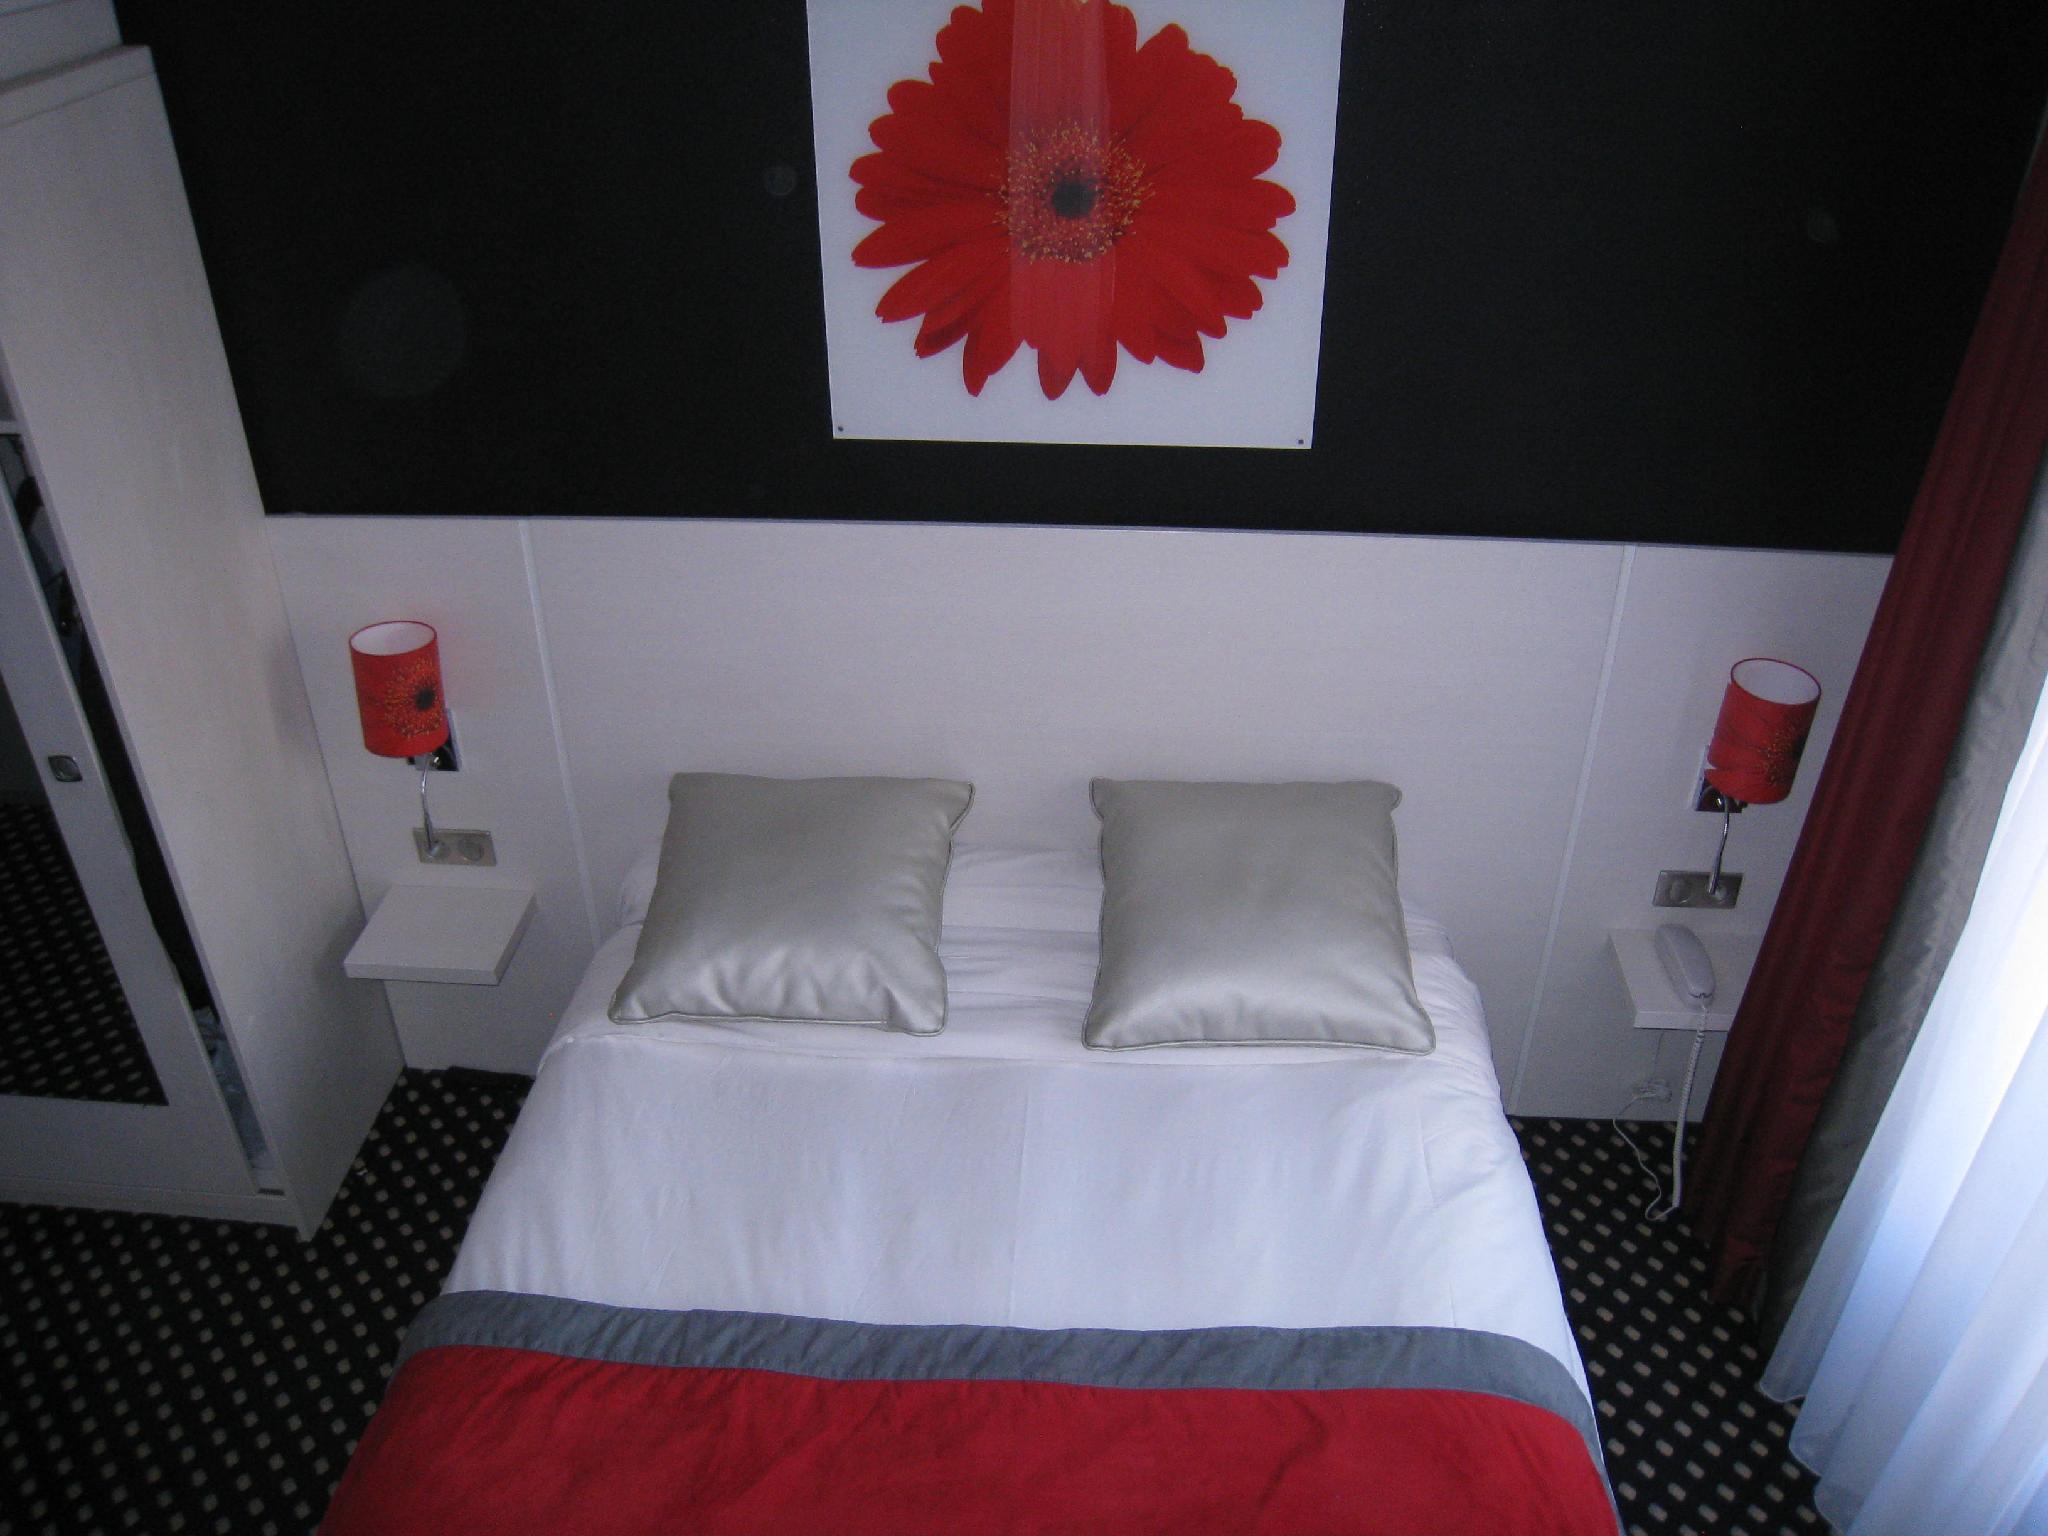 Hotel berkeley paris Рoffres sp̩ciales pour cet h̫tel